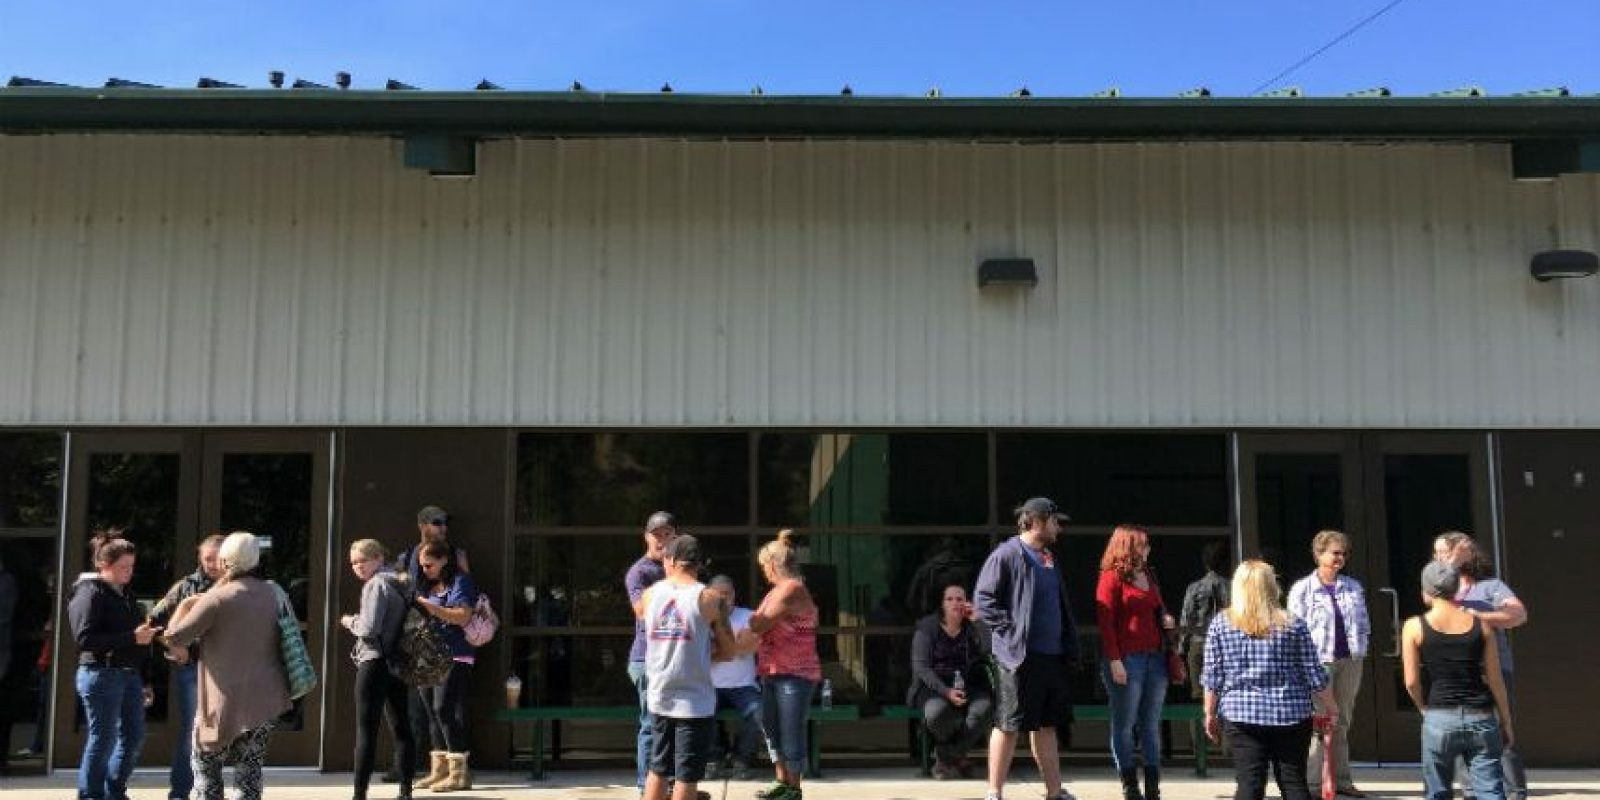 La gente espera más información sobre el tiroteo Foto:AP